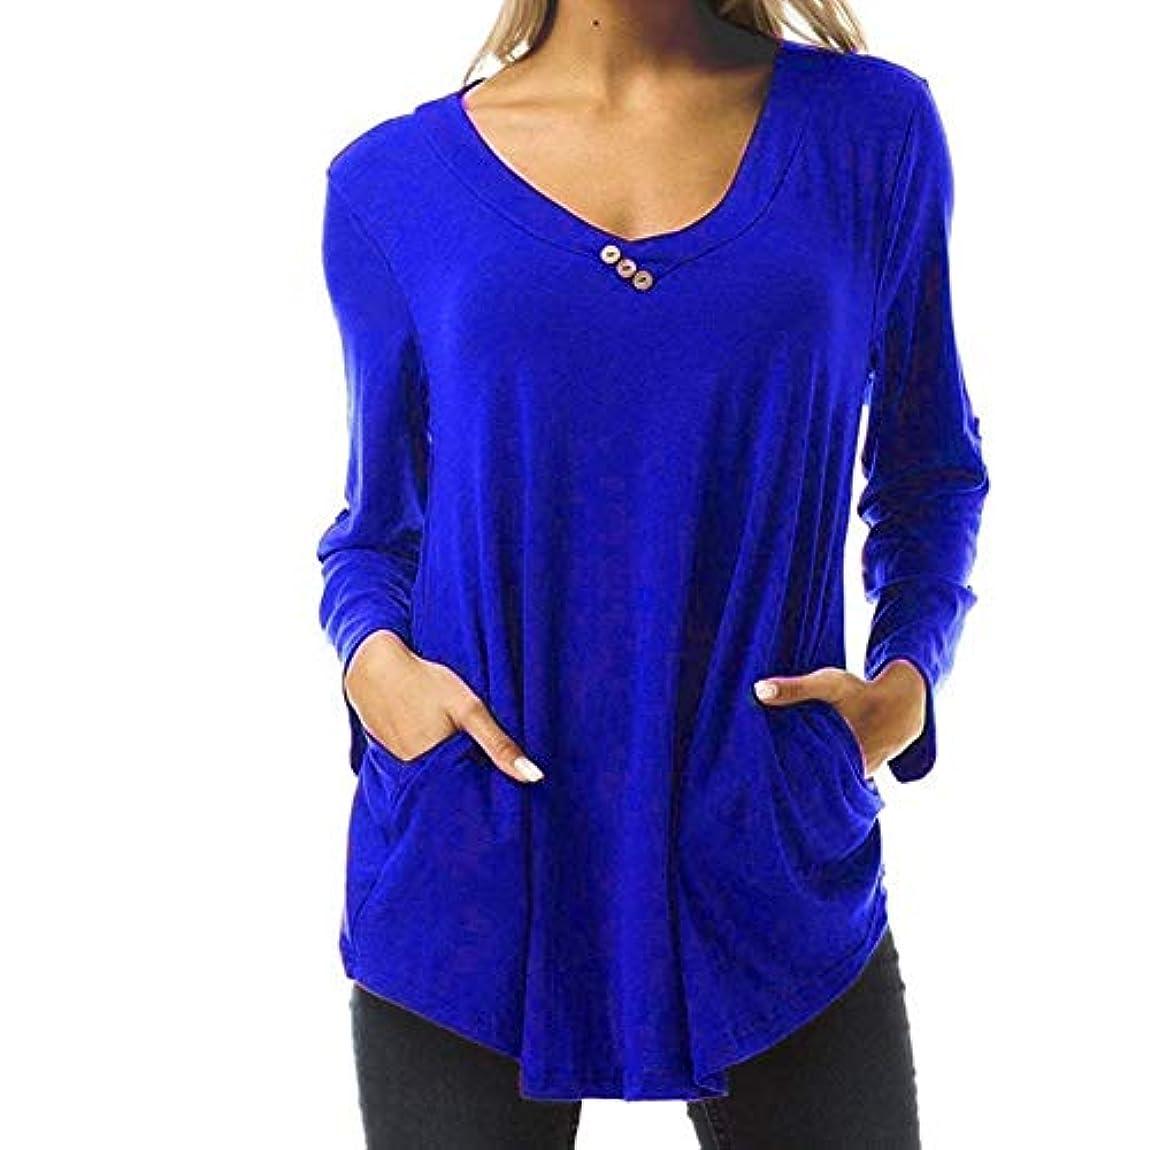 吸収剤方程式いたずらMIFAN の女性のドレスカジュアルな不規則なドレスルースサマービーチTシャツドレス